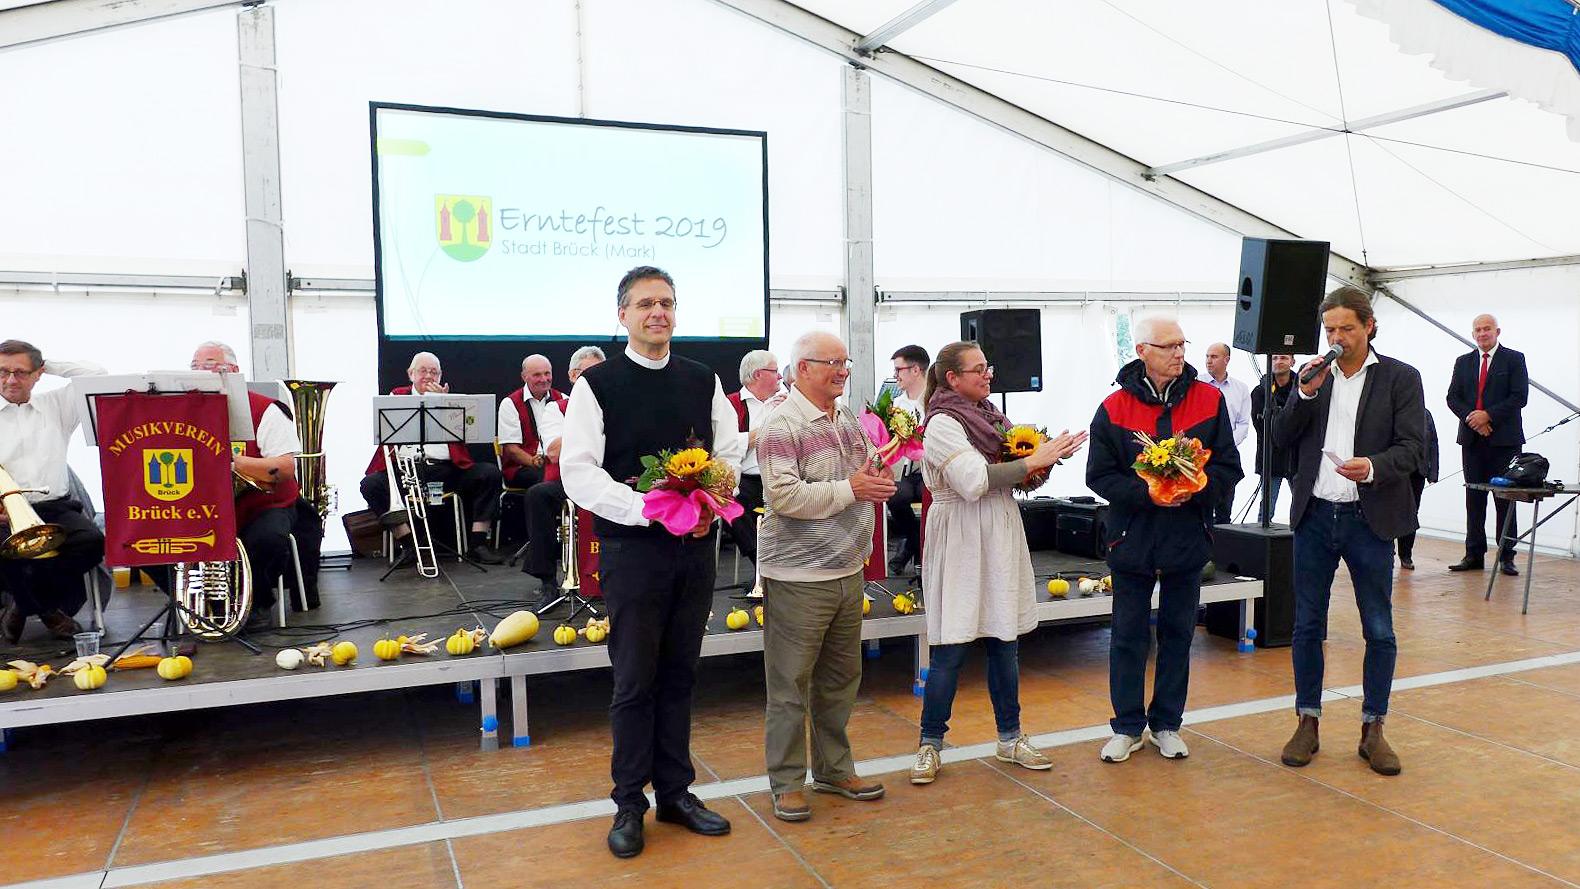 Bürgermeister Schimanowski ehrt Mitglieder der Flüchtlingsinitiative Bruck hilft - Erntefest 2019 in Brück